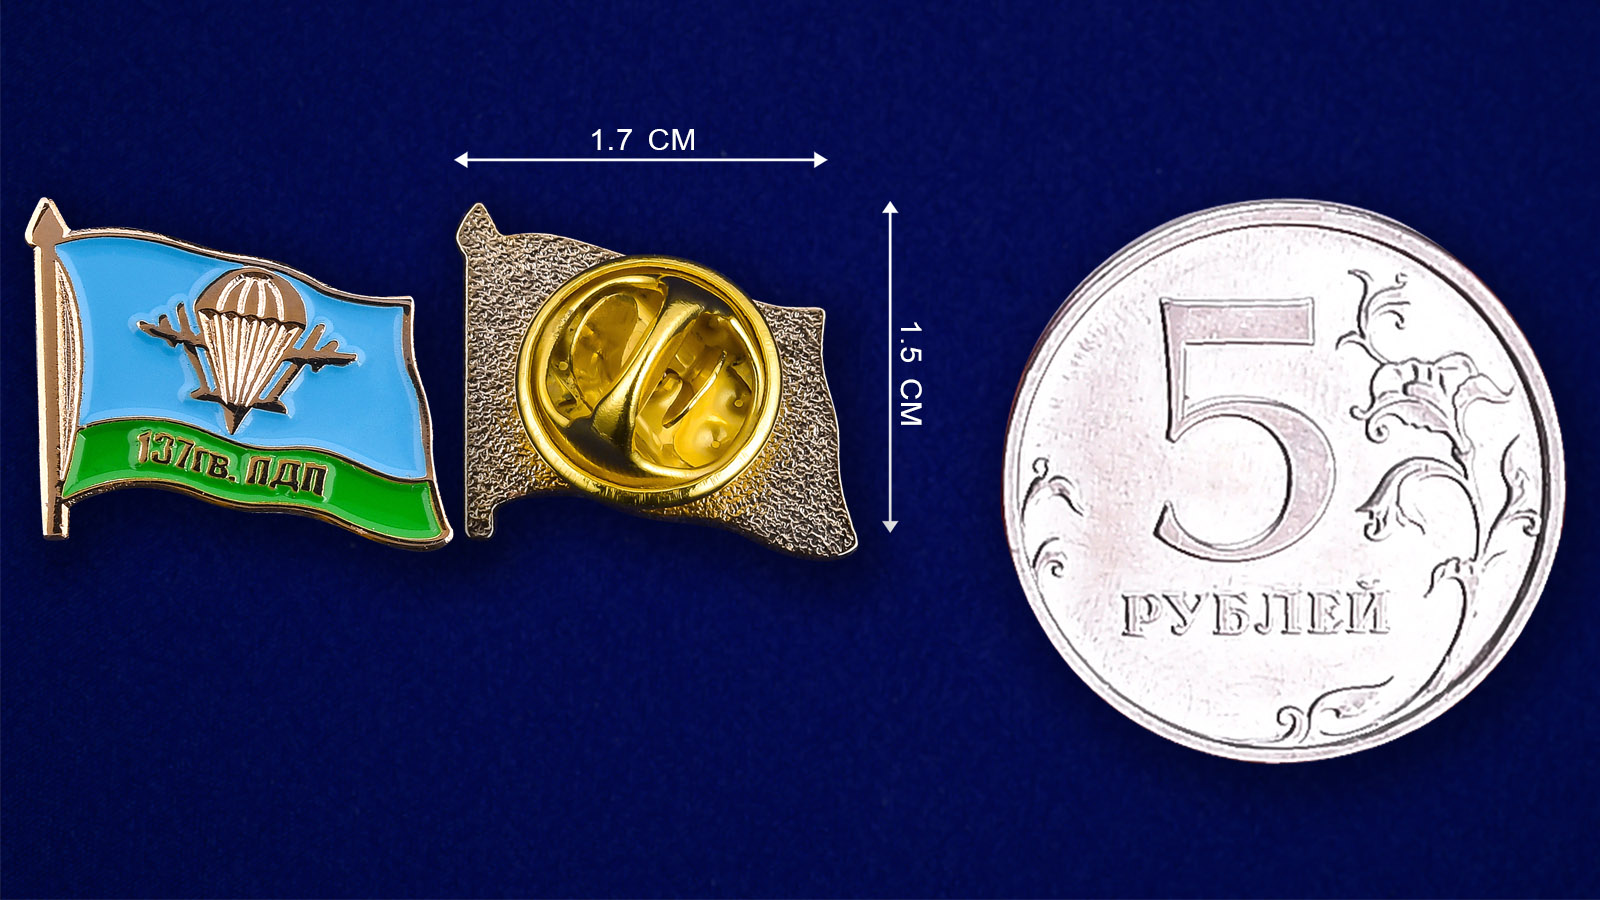 Значок ВДВ 137 гв. ПДП-сравнительный размер